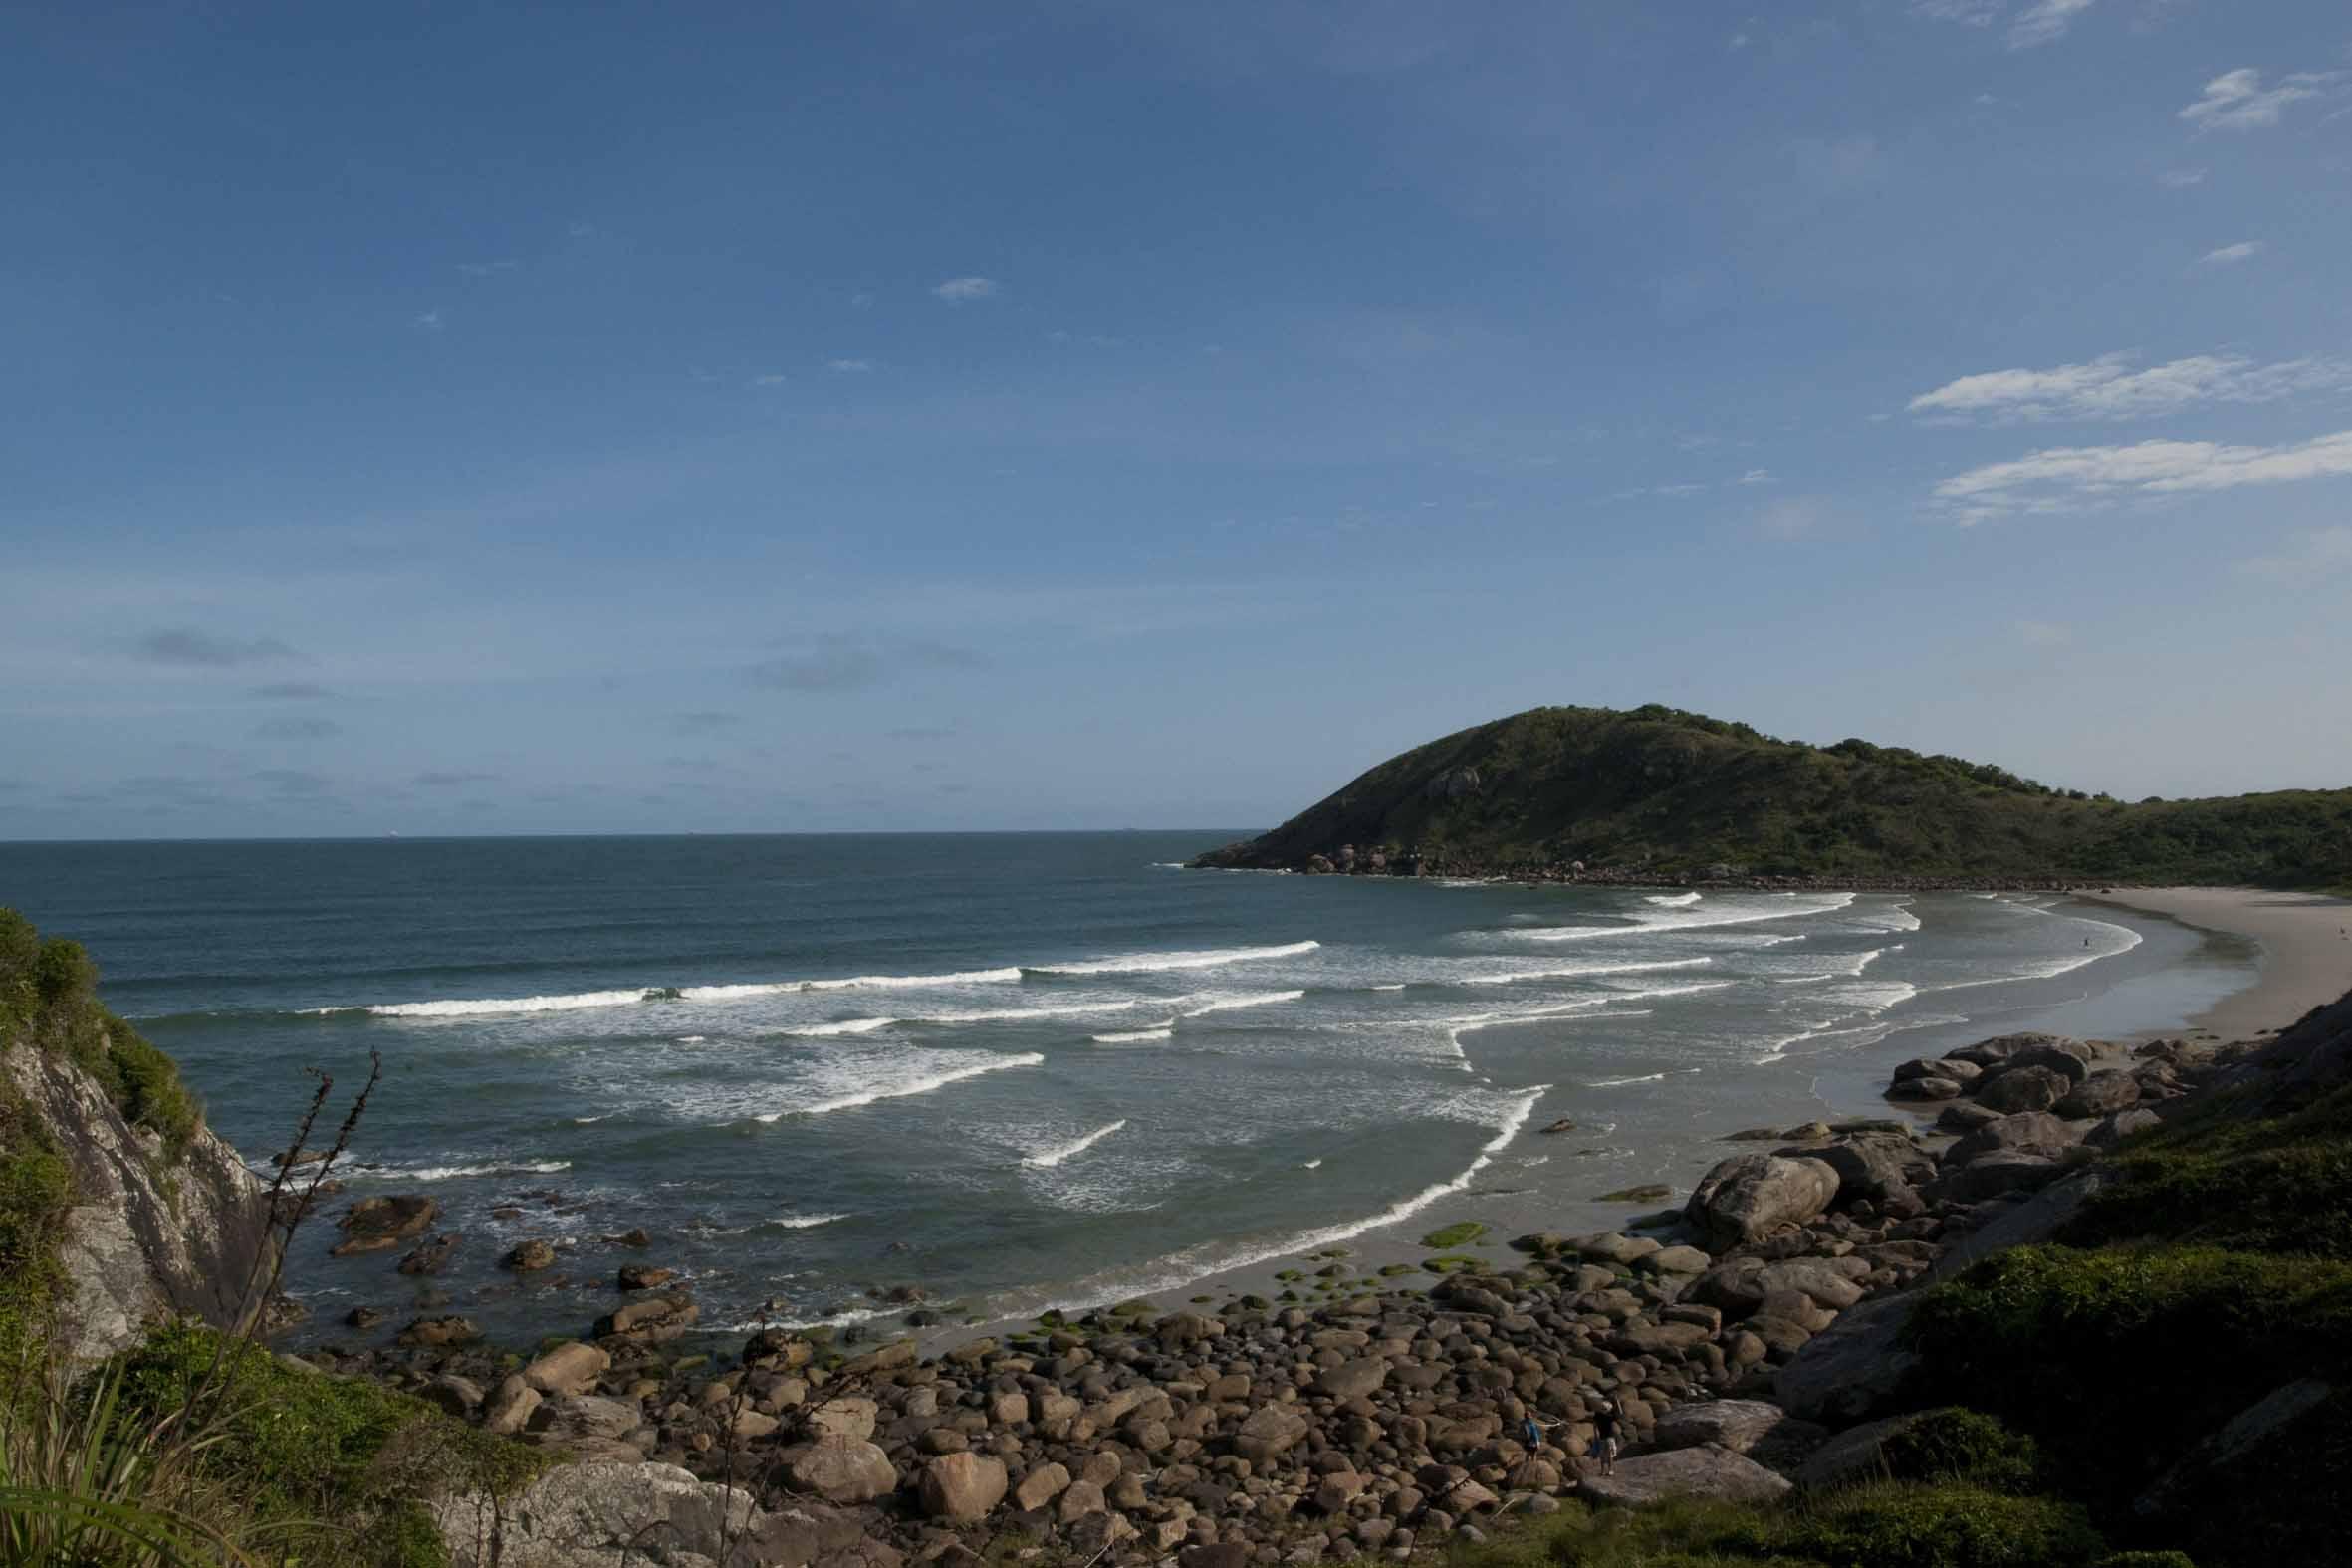 destinos no sul do brasil - Ilha do Mel paraná